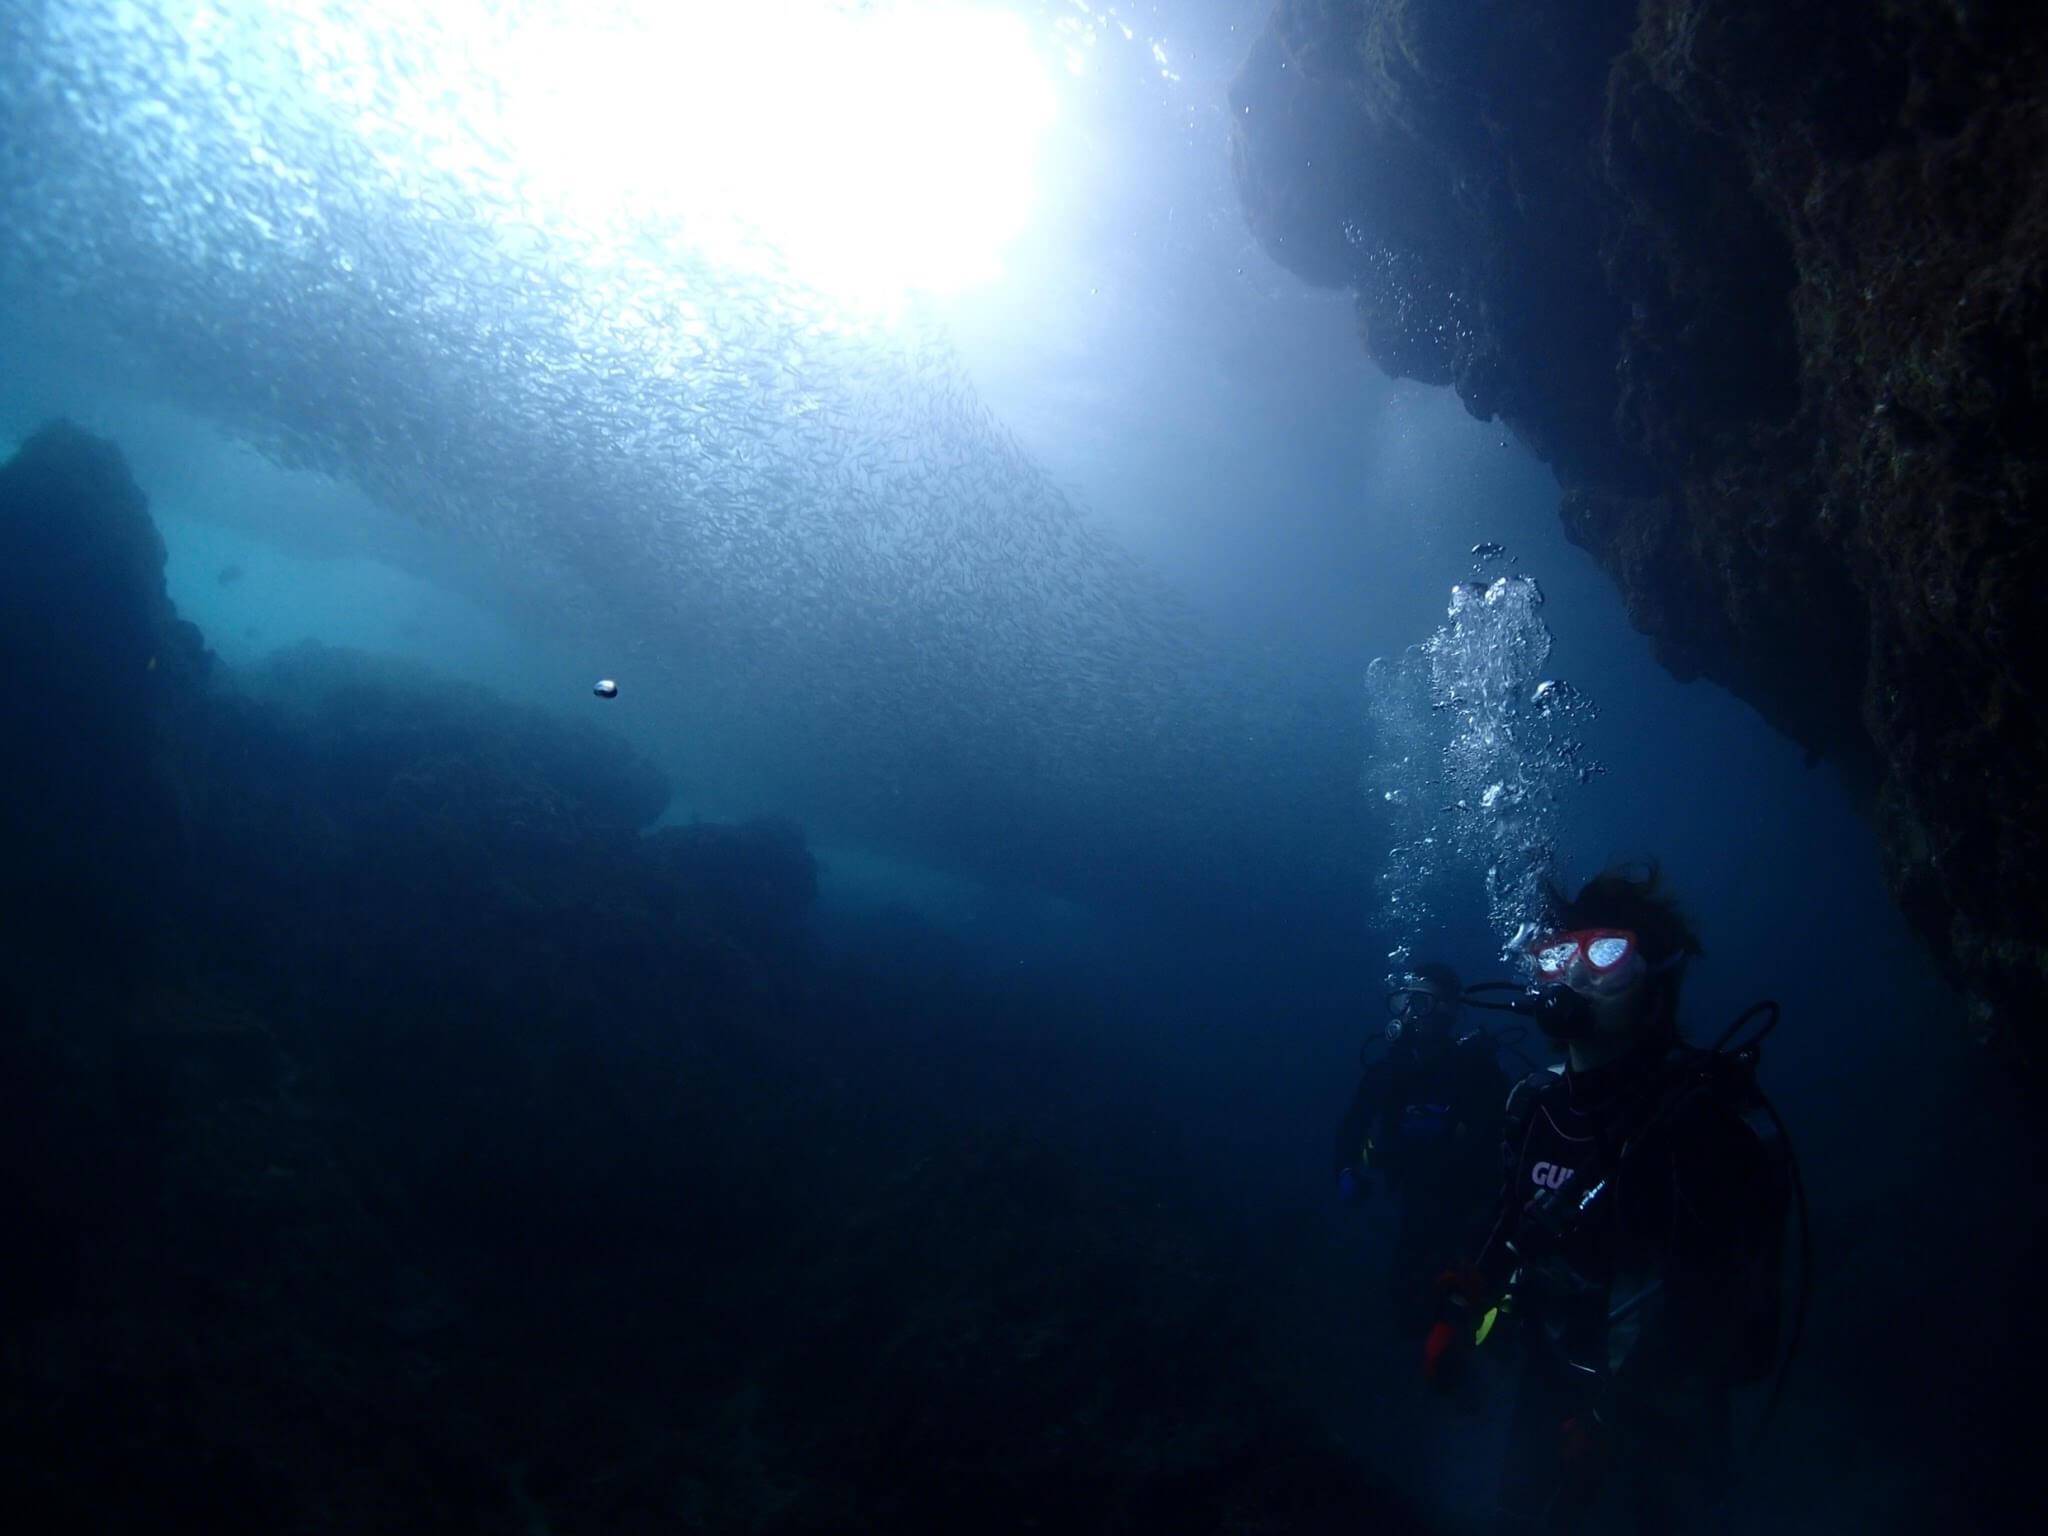 ダイビングに最適な水中カメラの選び方 何m潜る?カメラの防水性能は最重要項目